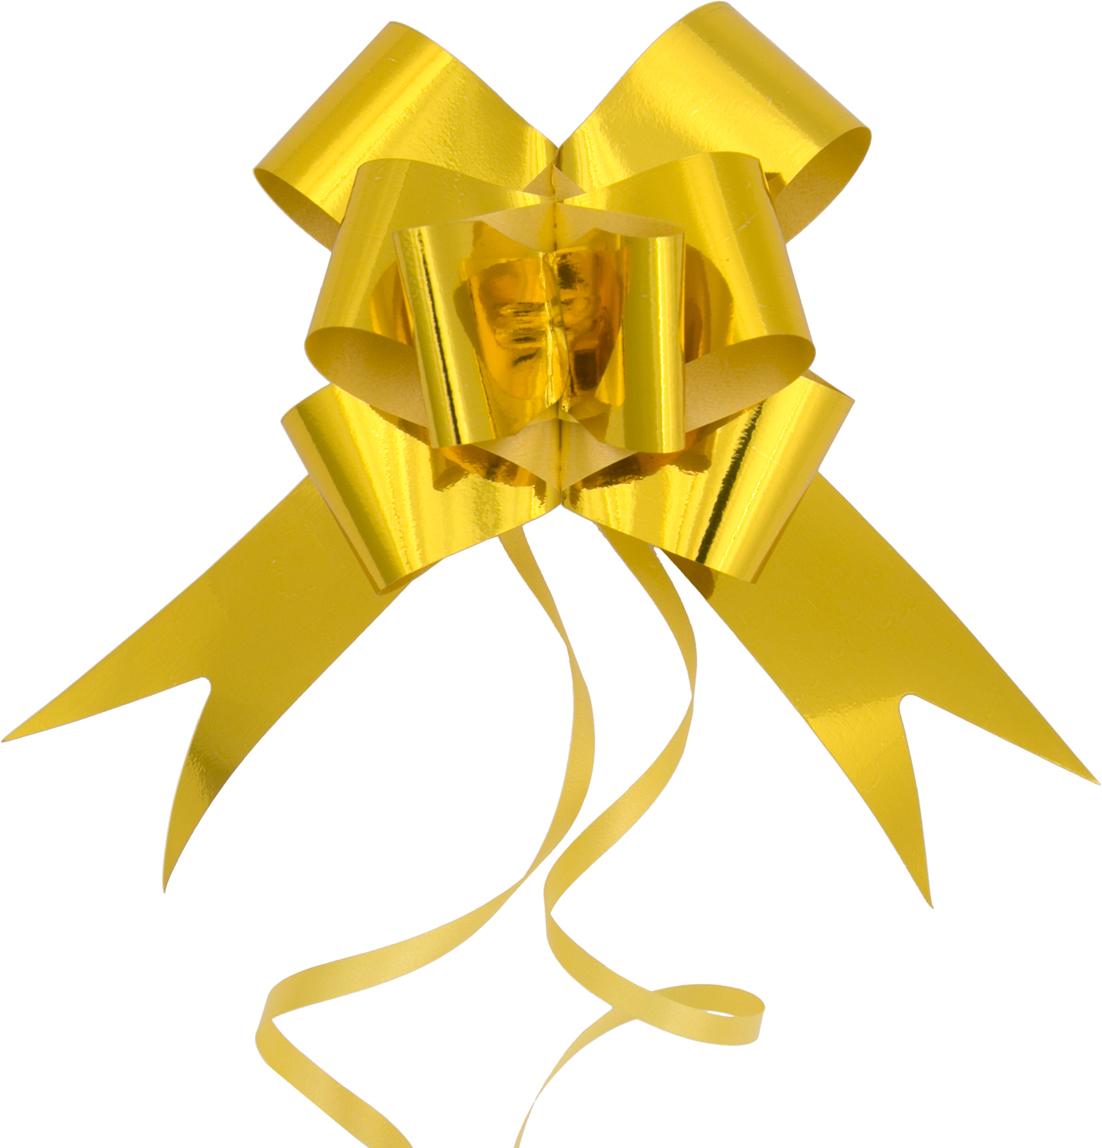 Бант декоративный Magic Home, для оформления подарков. 7699276992Бант – объемный и сверкающий, добавит оригинальности любому подарку. Поиграйте с формой и цветом, проявите свою фантазию! Окружите близких людей вниманием и заботой, вручив презент в нарядном, праздничном оформлении! Декоративный бант из полиэтилентерефталата, затягивающийся, с кольцами из поливинилхлорида, для оформления подарков, шириной 5 см, длиной 157 см.